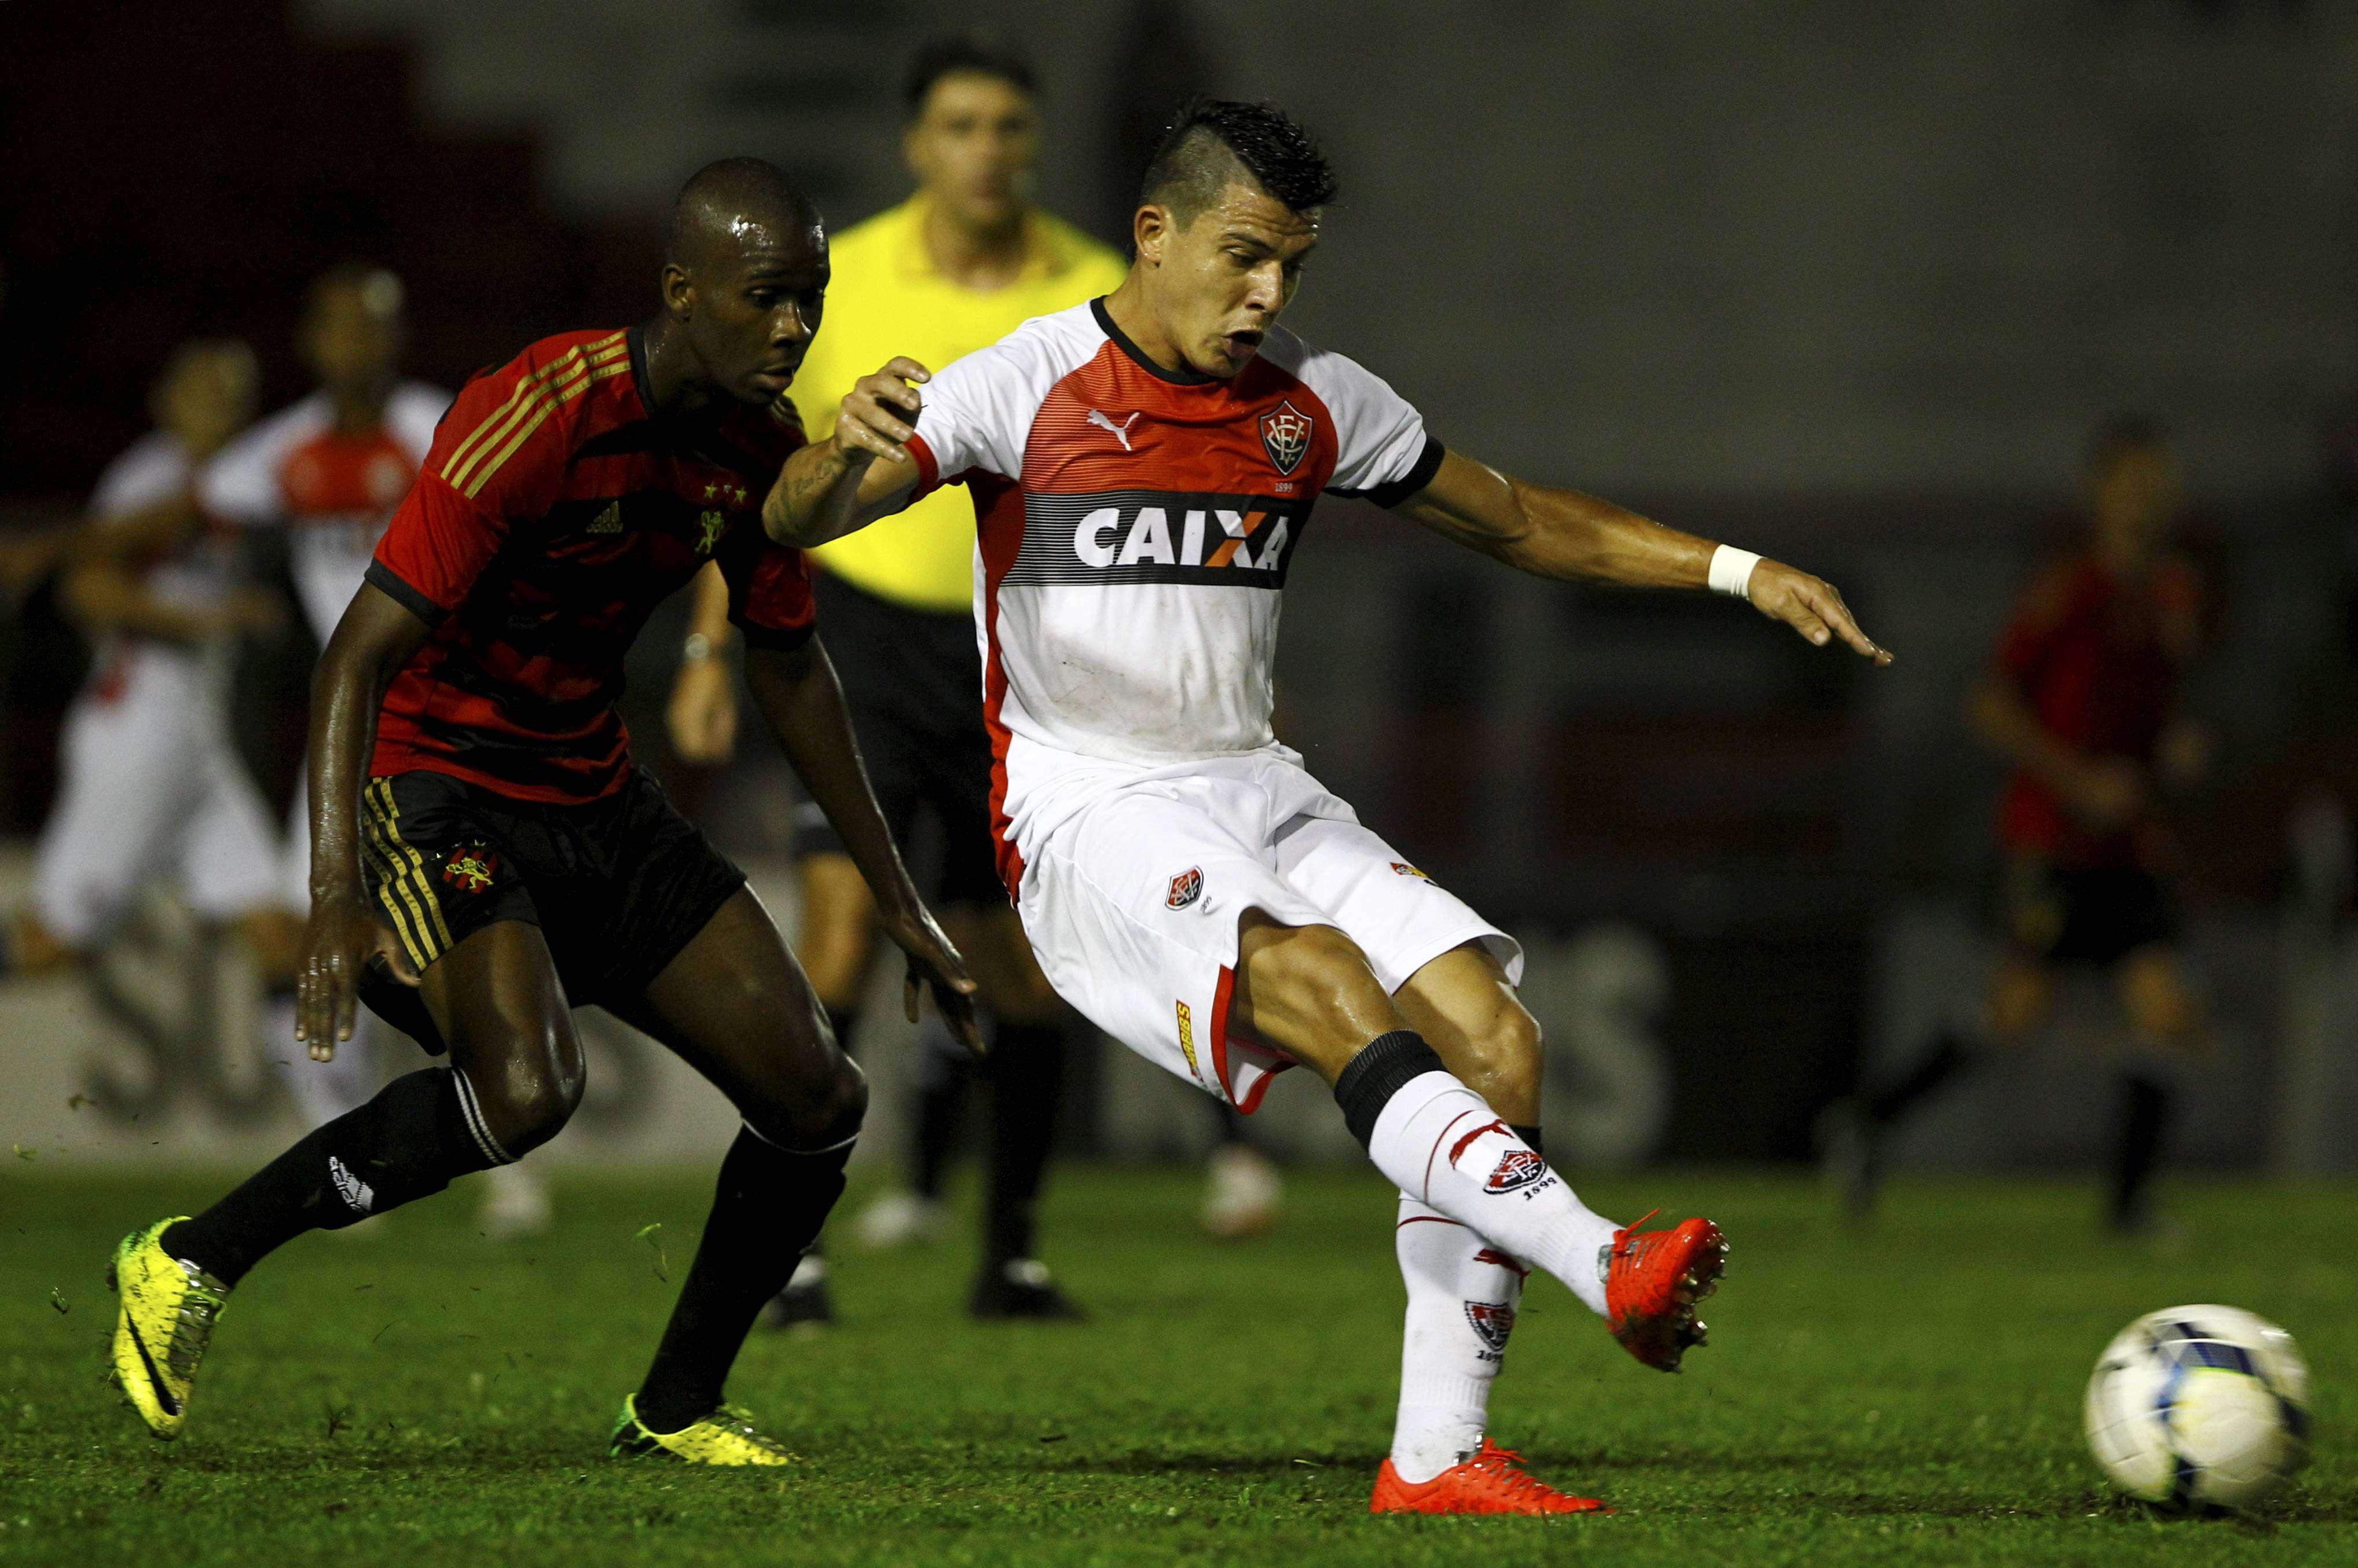 Em uma partida truncada no Estádio Joia da Princesa, em Feira de Santana, o Sport venceu o Vitória por 1 a 0 Foto: Eduardo Martins/A Tarde/Futura Press